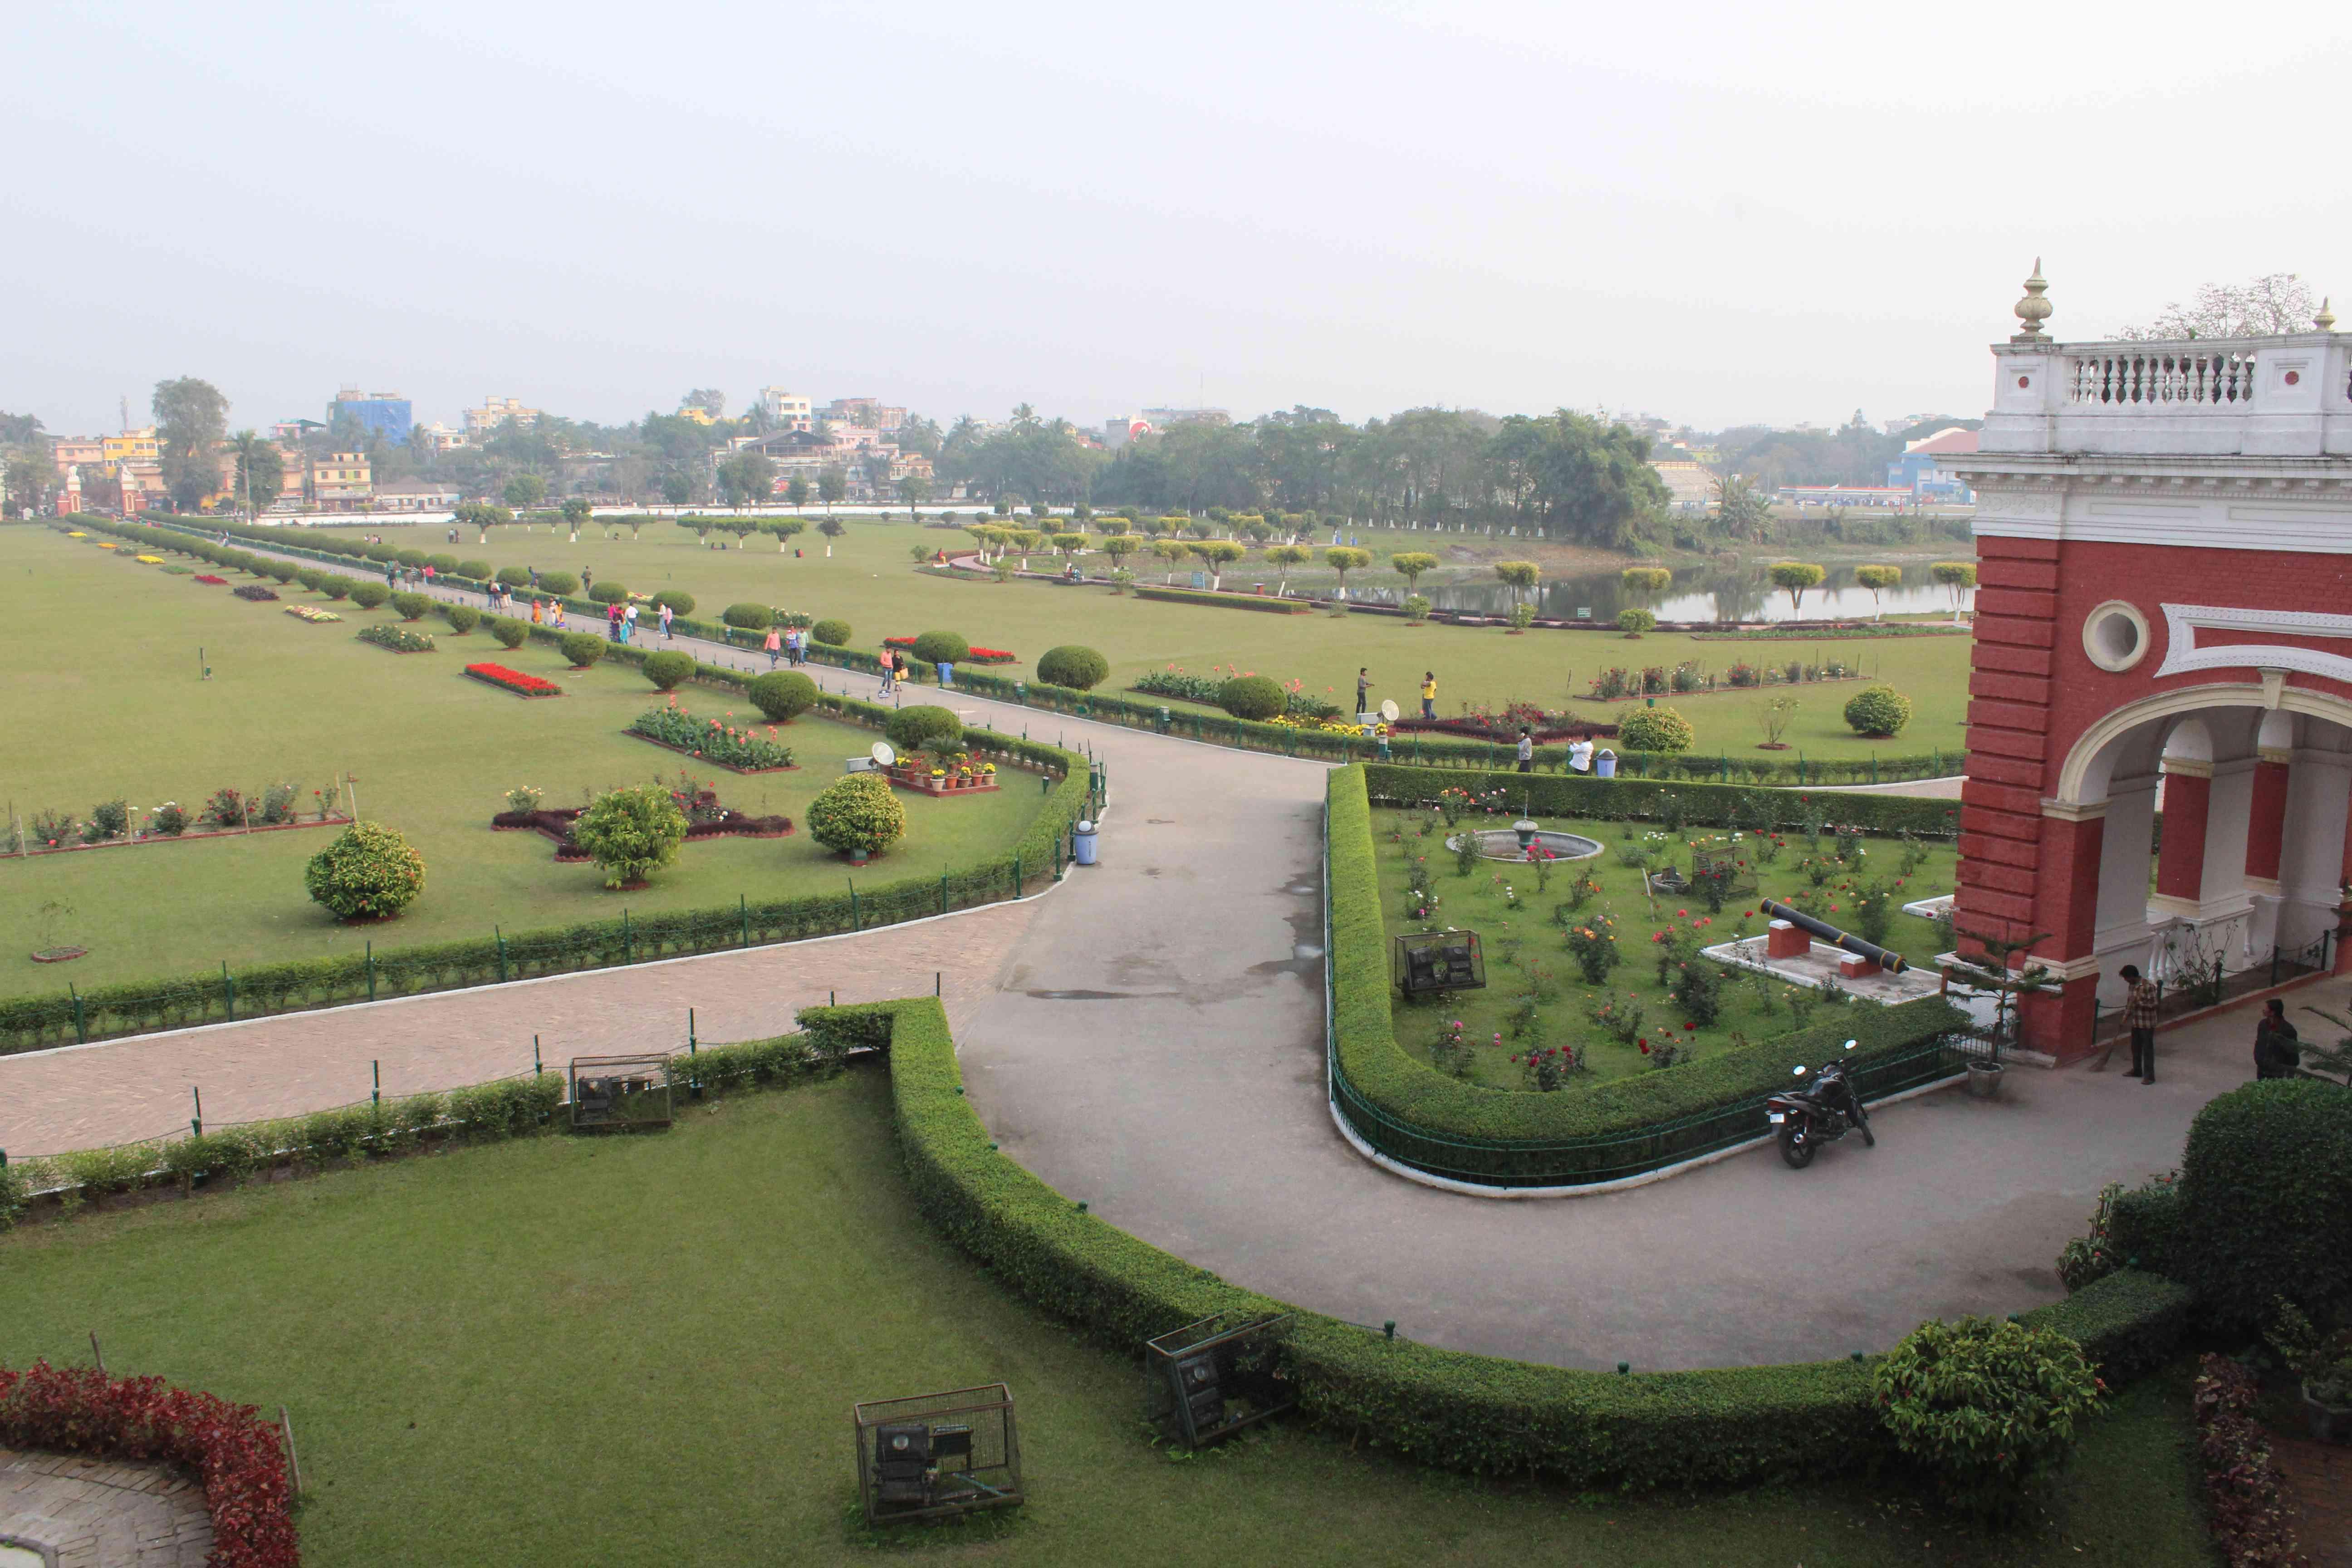 पहली मंजिल से राजबाड़ी का दृश्य - पार्क और तालाब